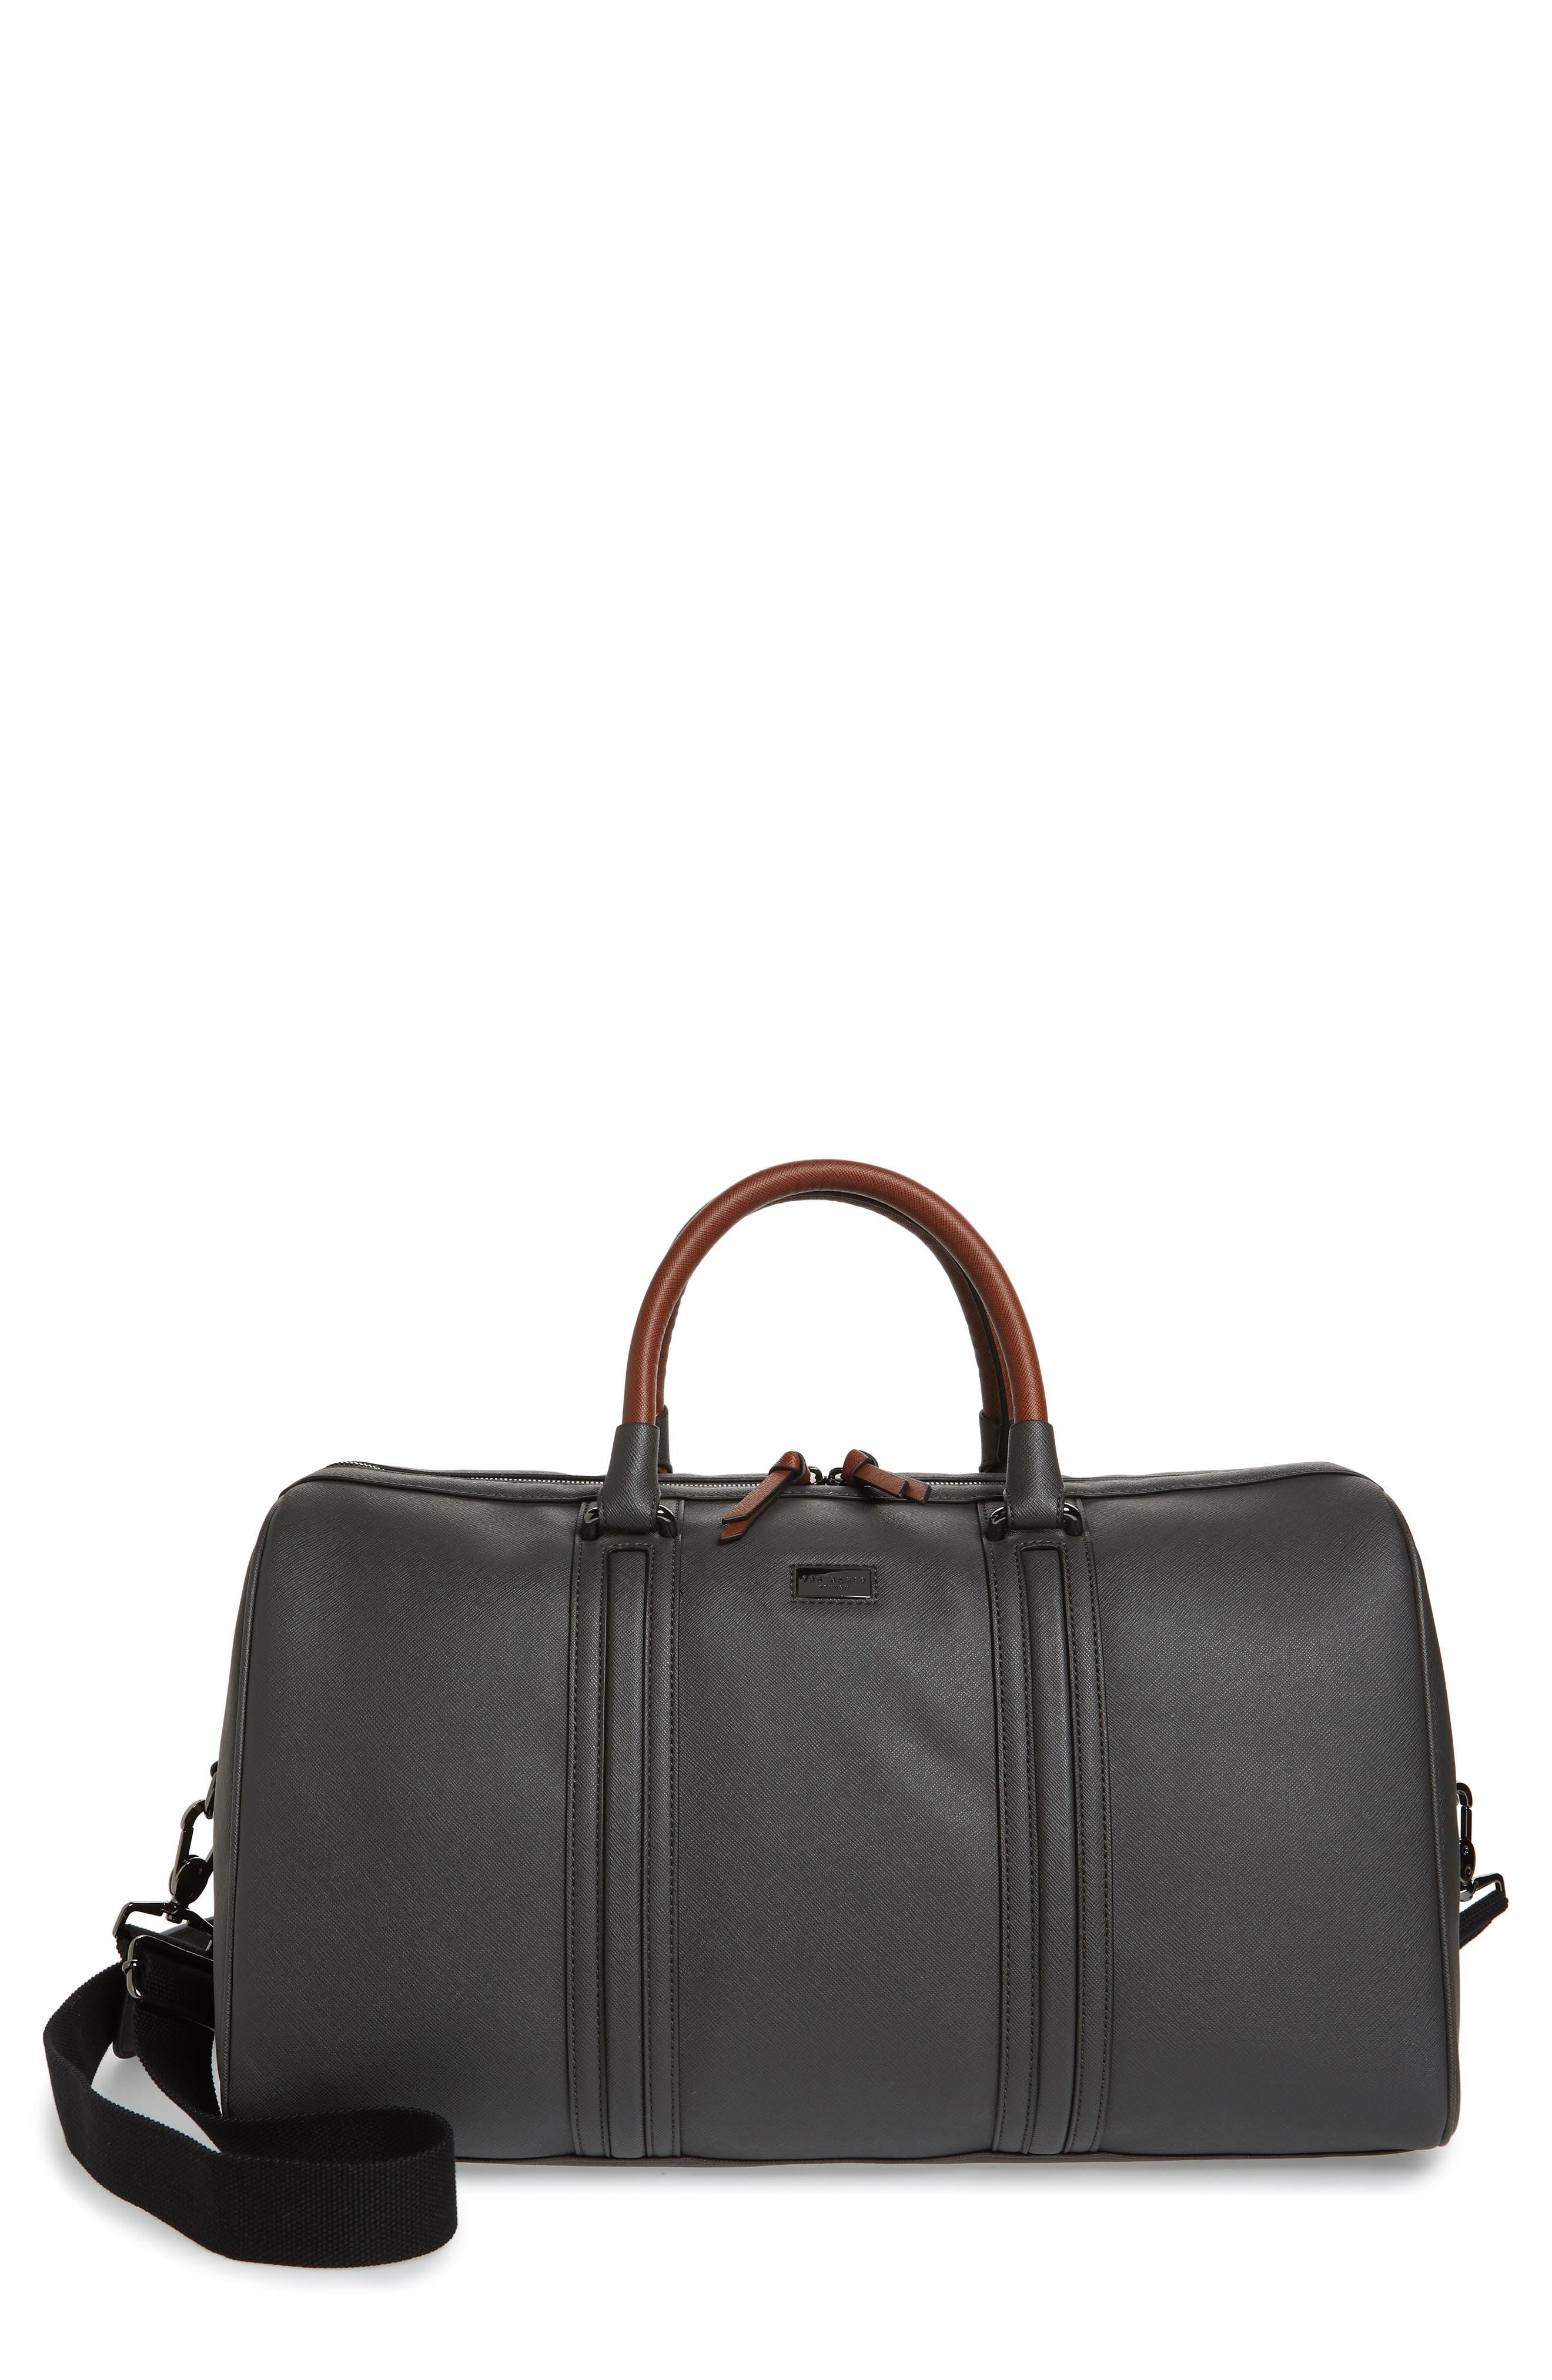 TED BAKER LONDON Grankan Faux Leather Duffel Bag, Main, color, 020